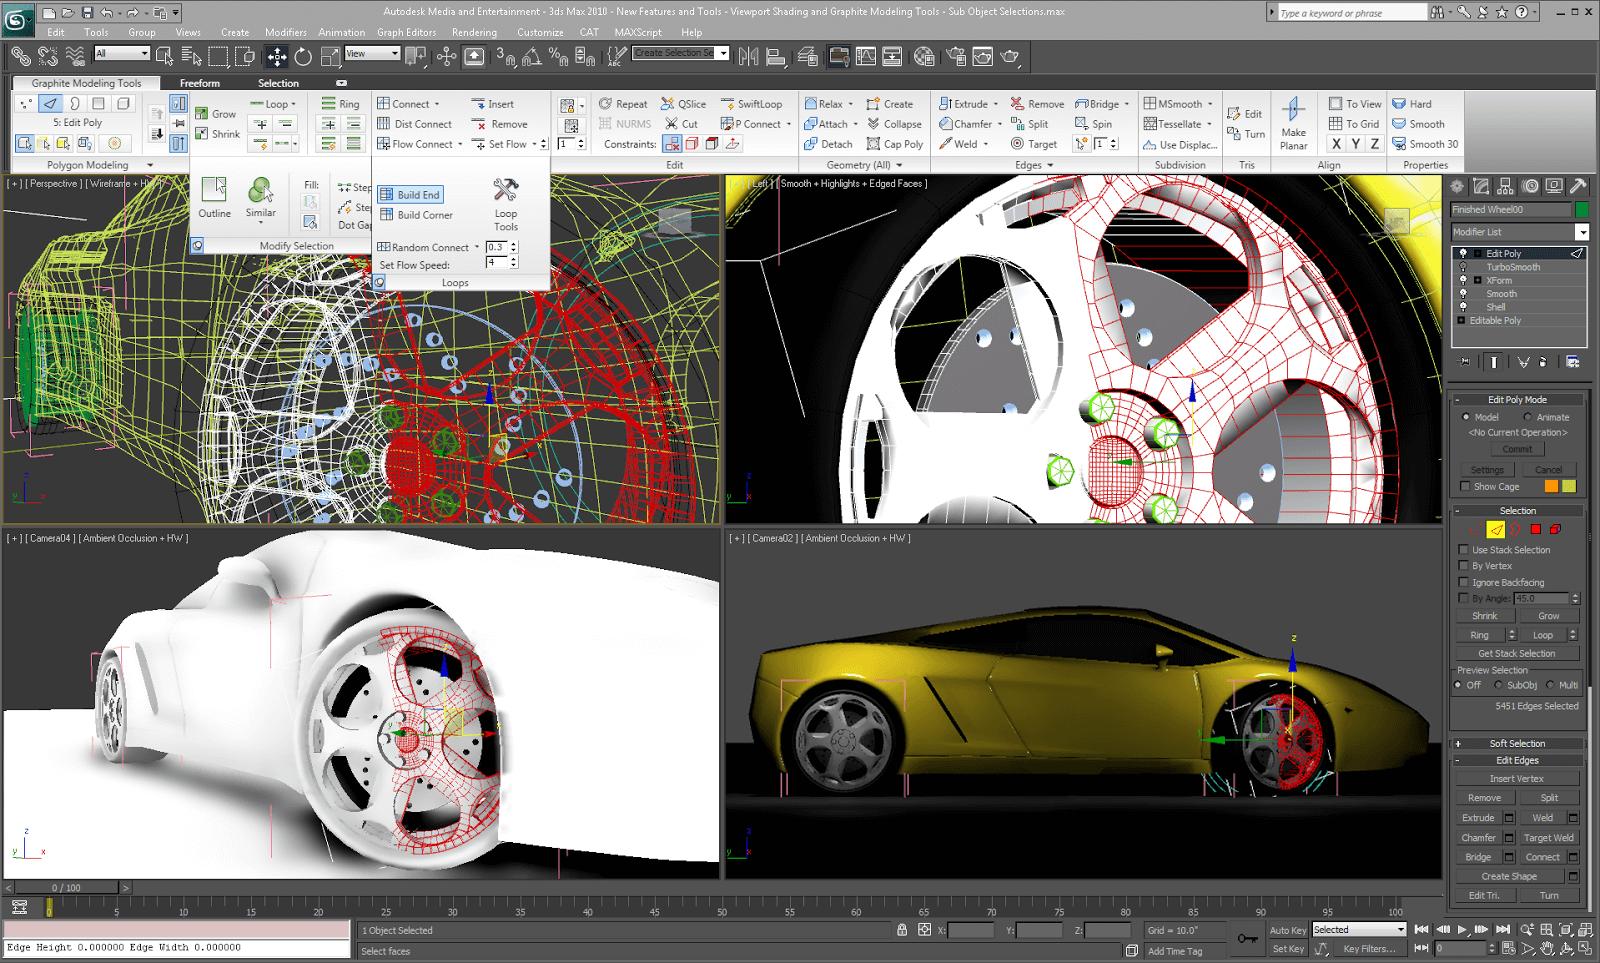 Autodesk 3ds max 2010 Full Version